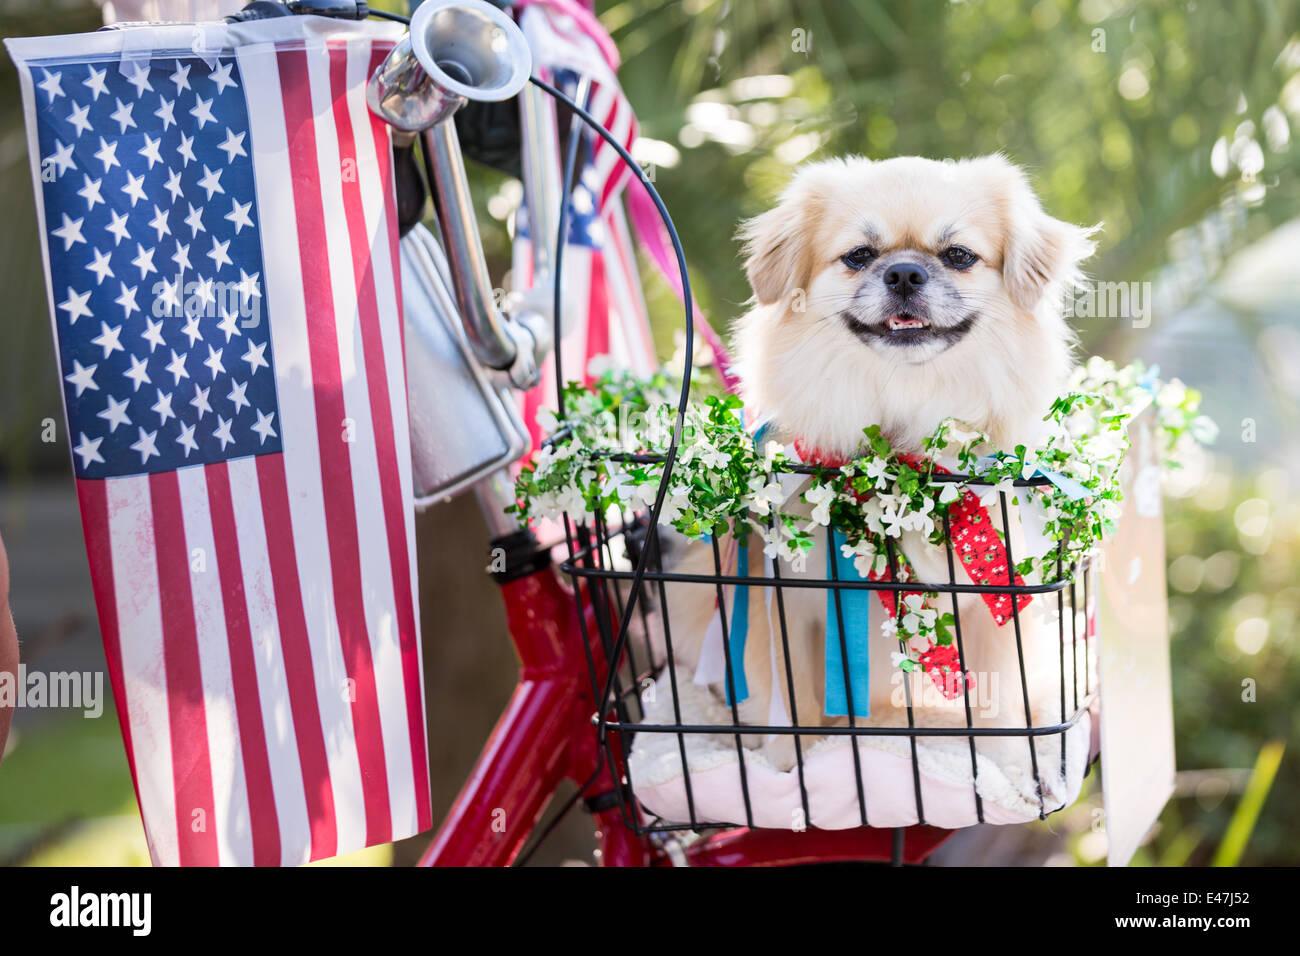 Un chien balade en vélo panier décoré dans flags au cours de l'I'indépendance de la Photo Stock